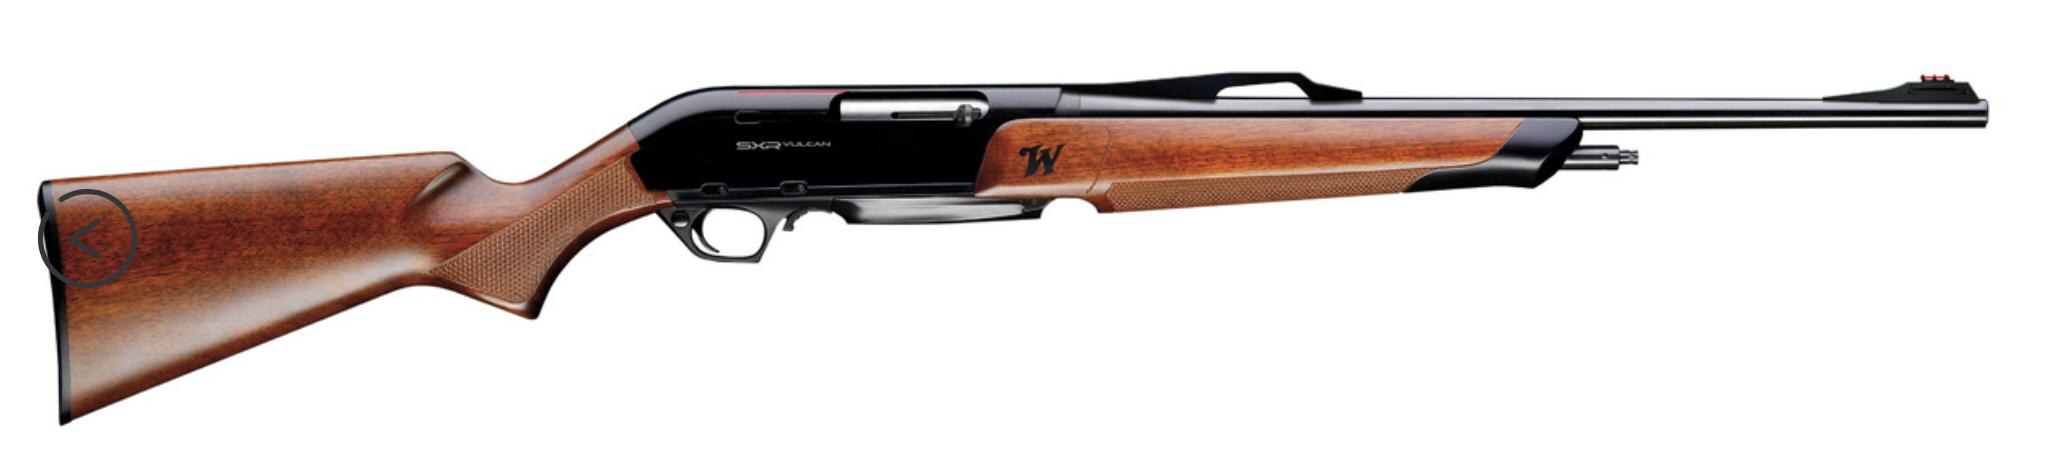 Winchester SXR legno